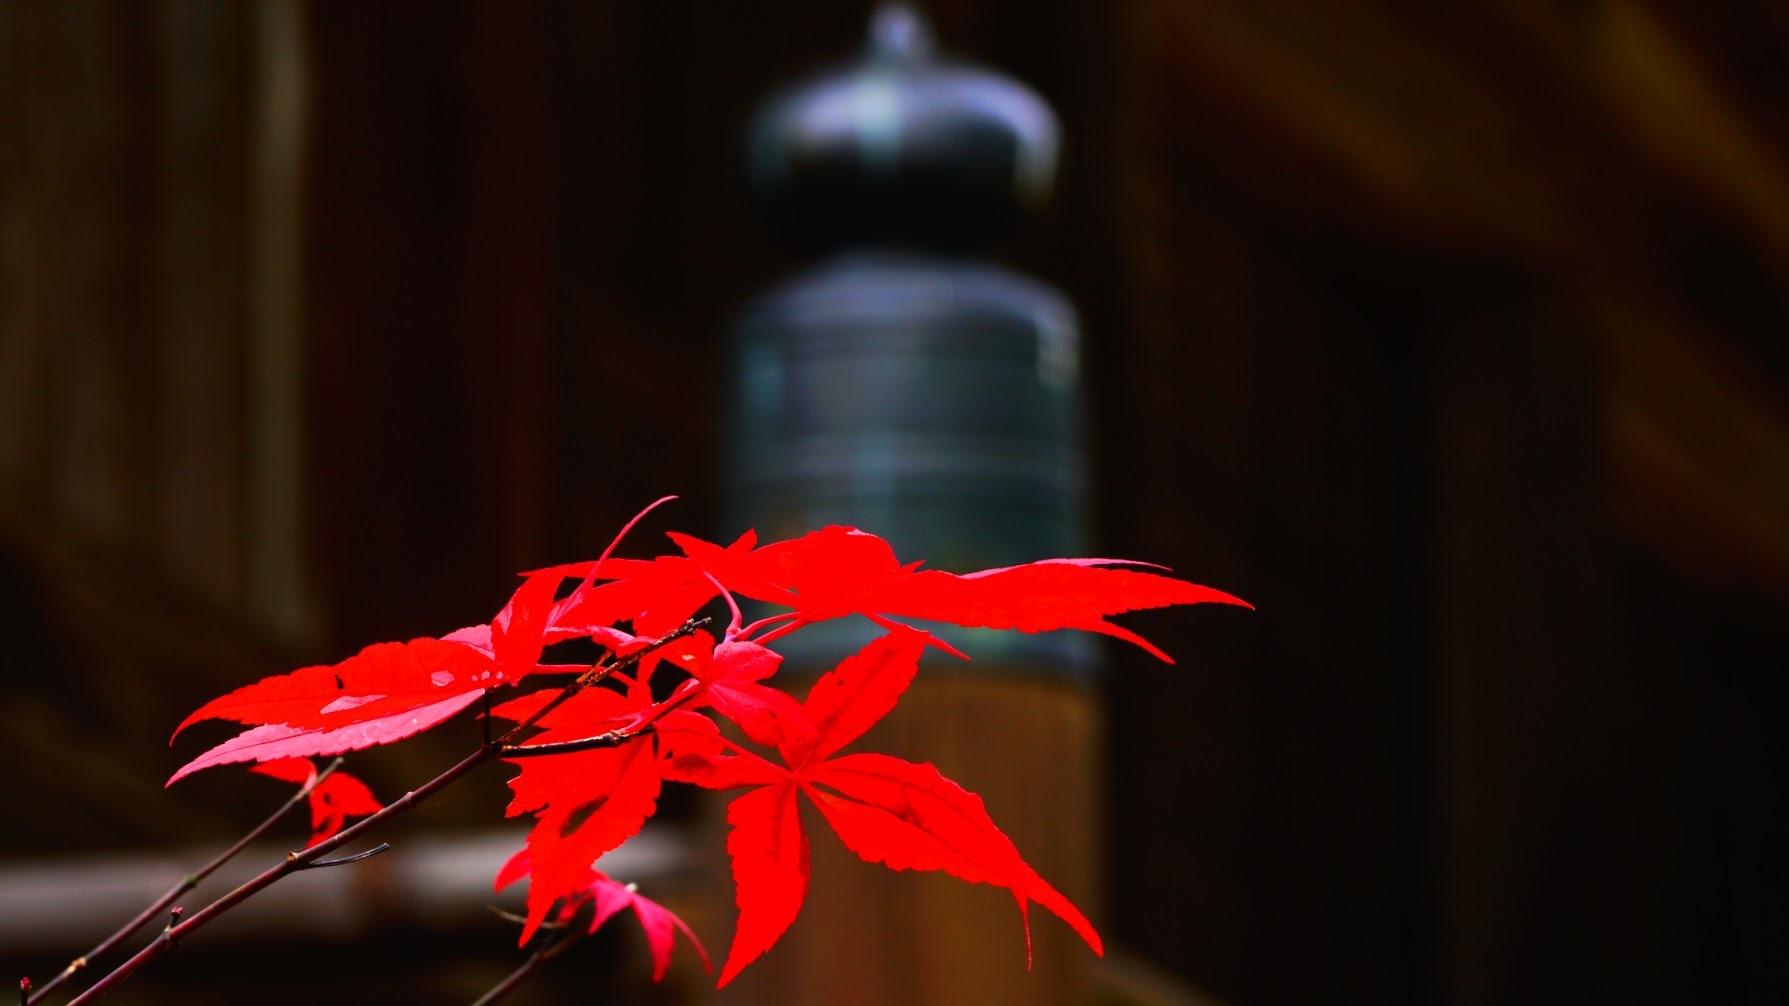 第28回 好きやねん大阪カメラ倶楽部 In 和歌山 例会報告 今月のテーマ 日本製カメラ_d0138130_16083881.jpg